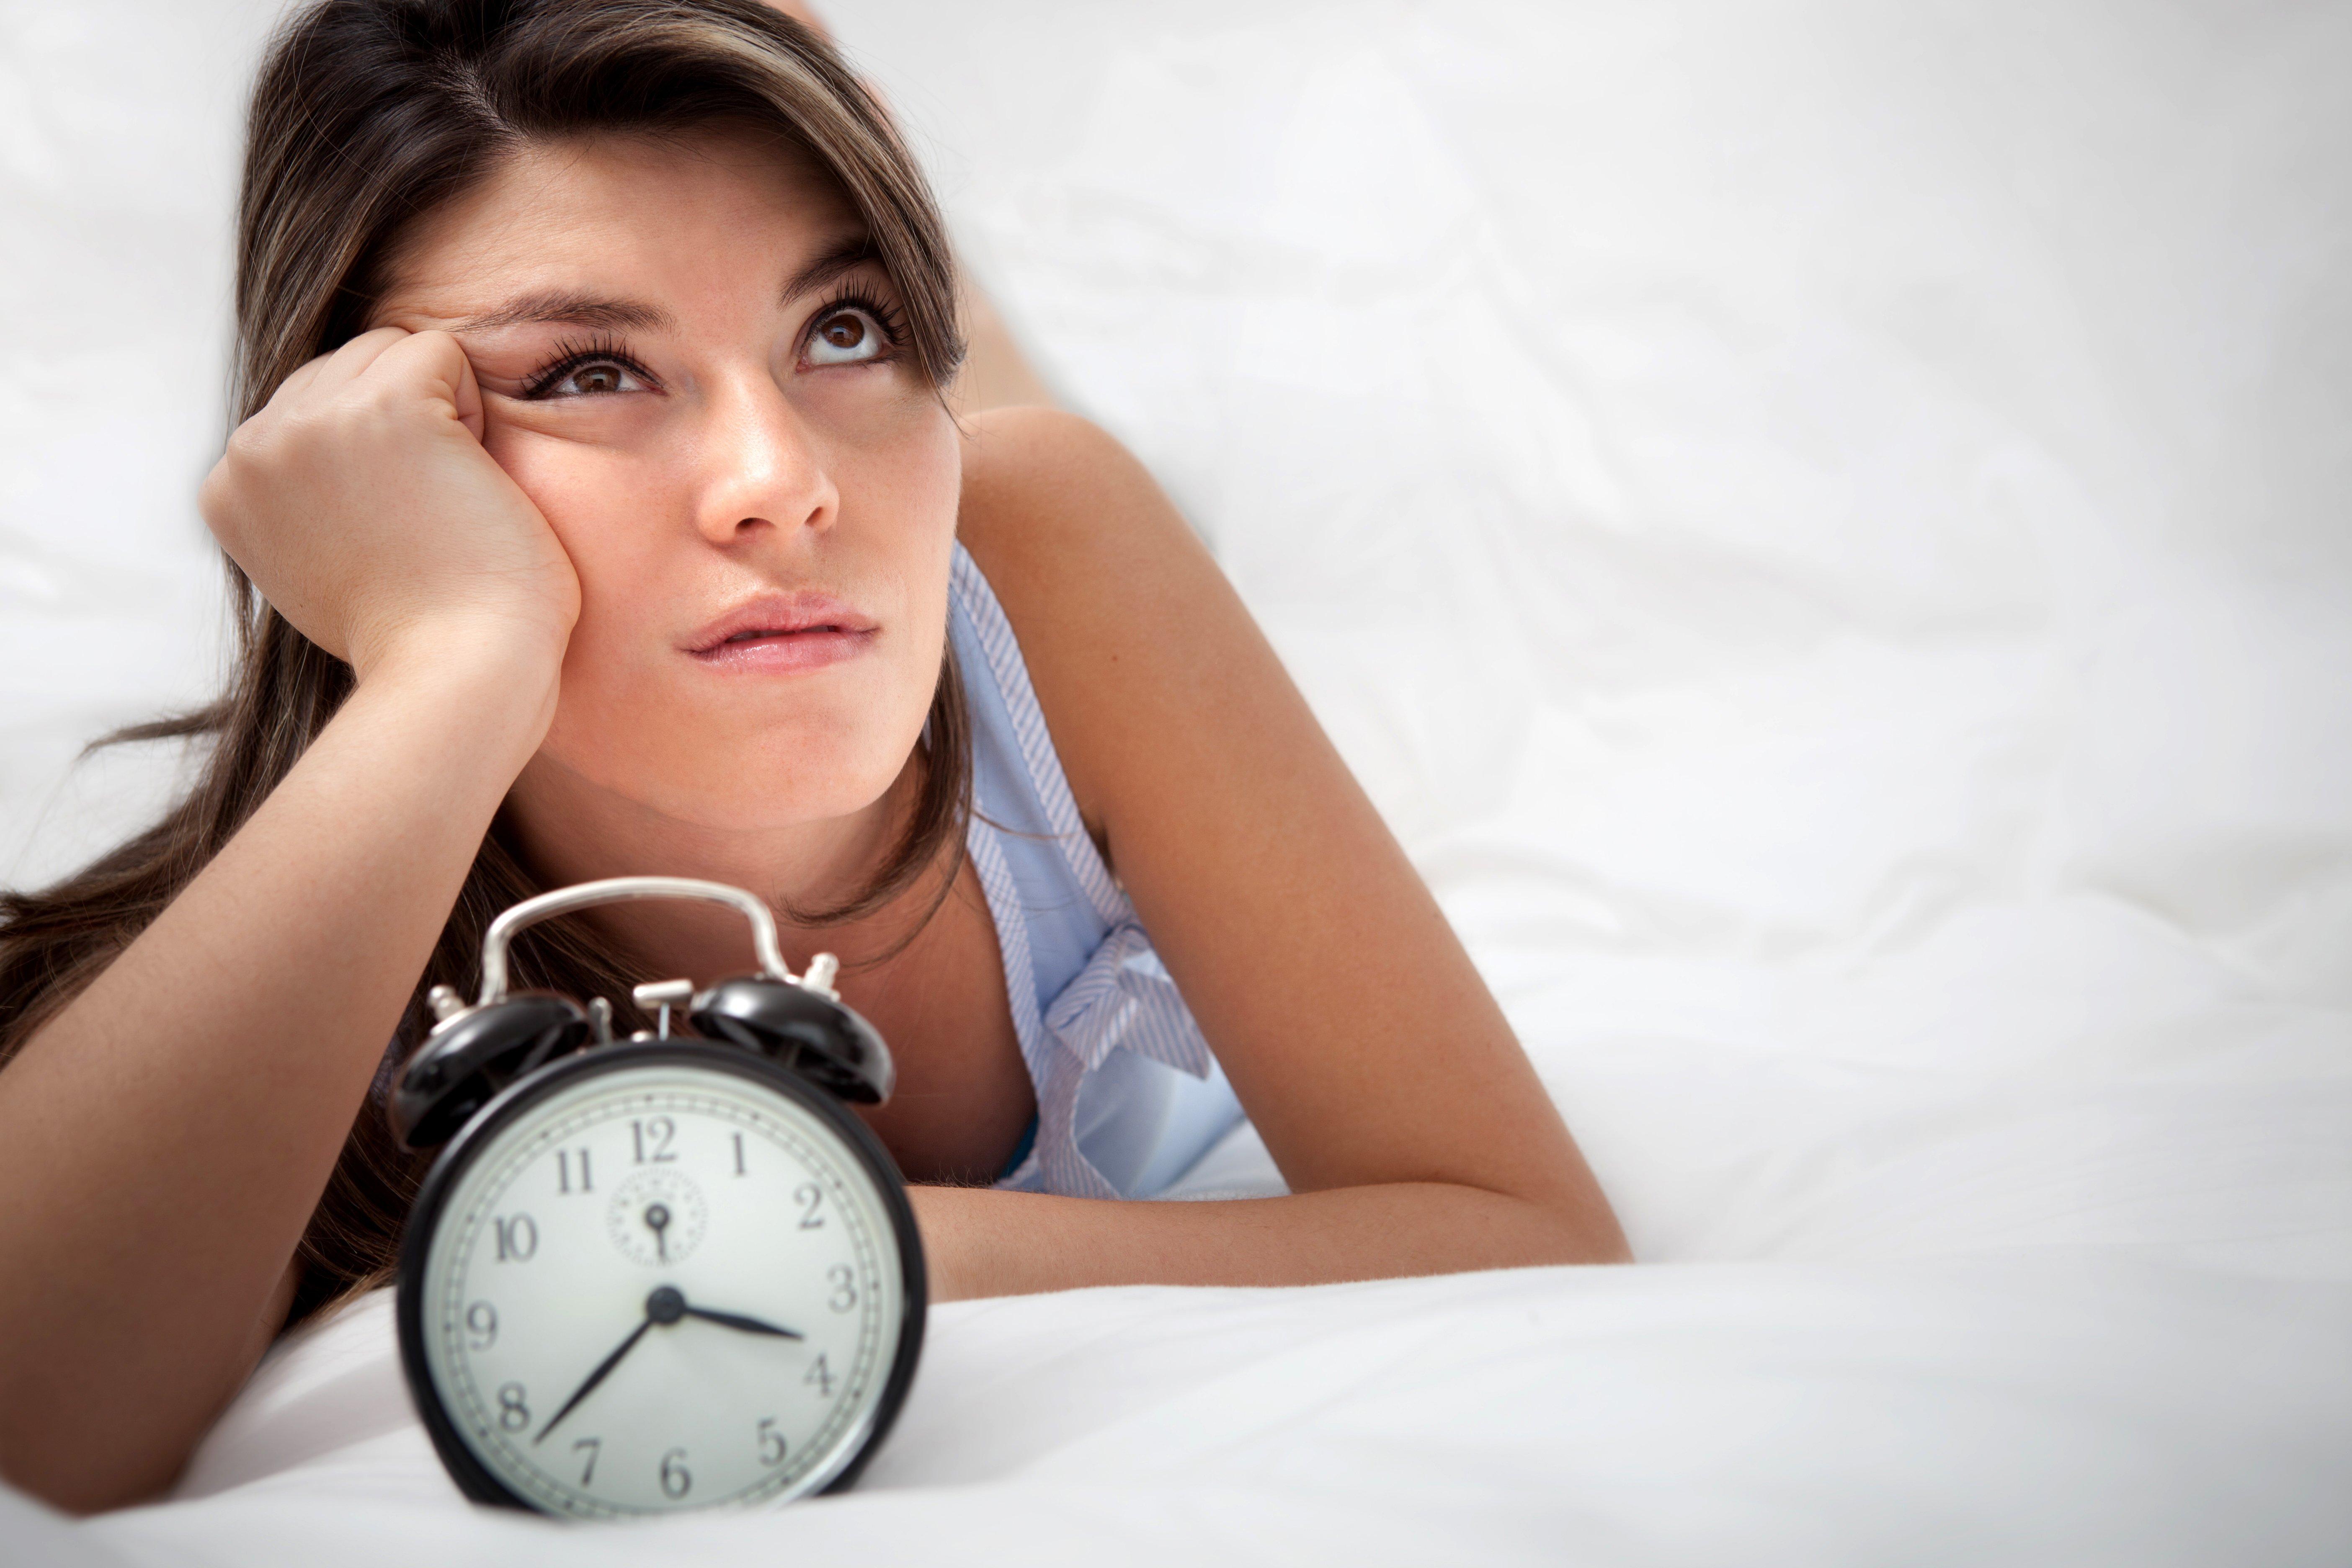 Ночная бессонница – как избавиться от бессонницы